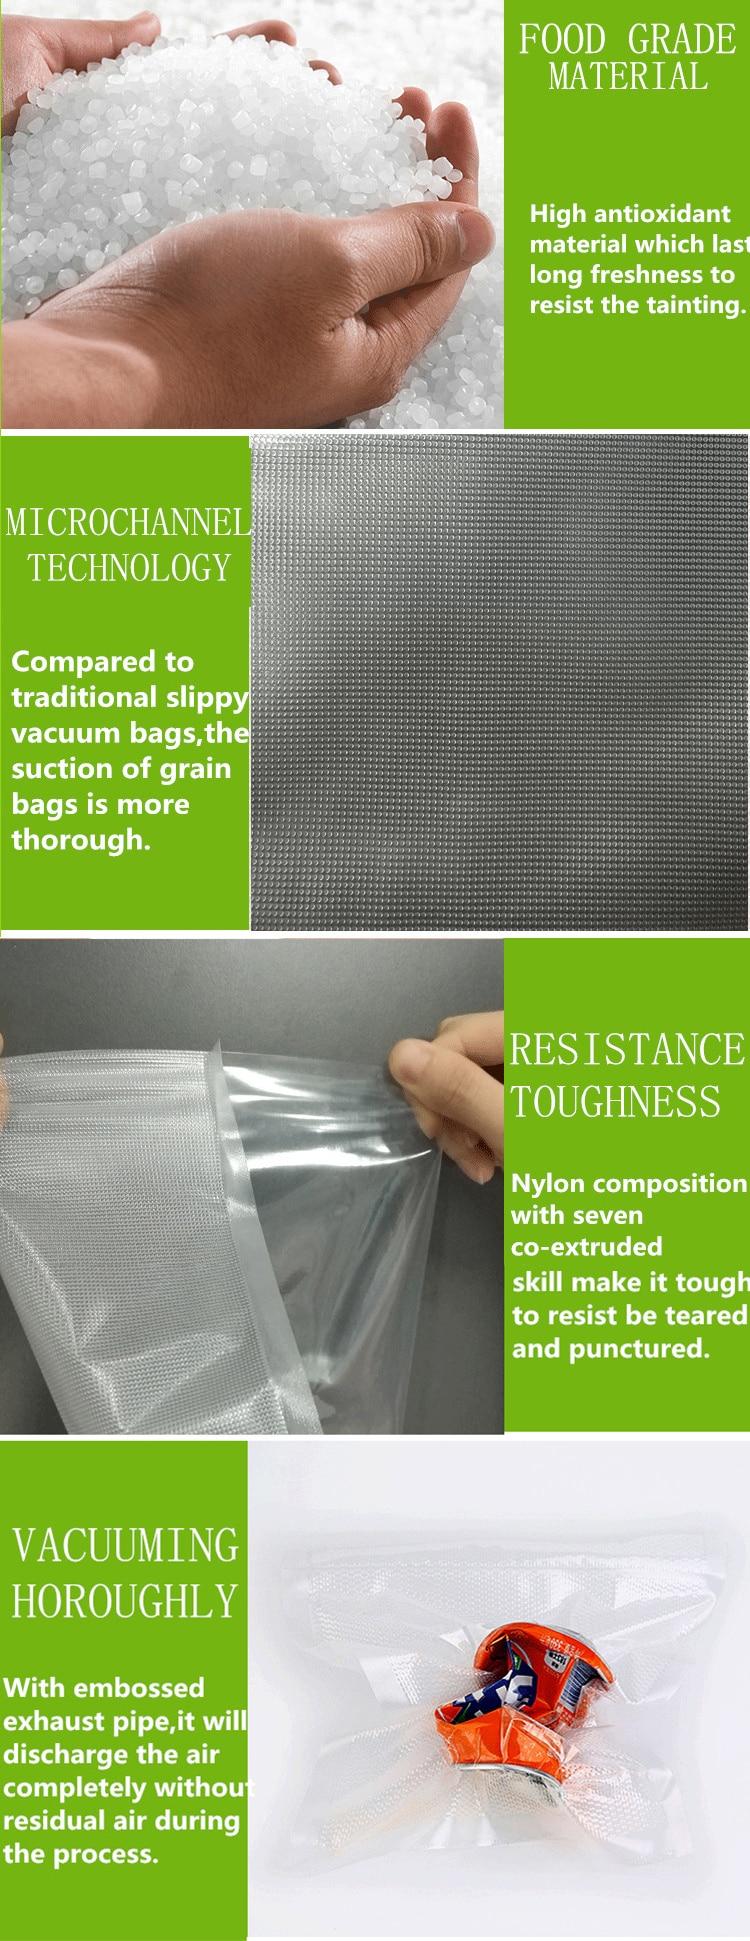 Vacuum Packaging Rolls bags